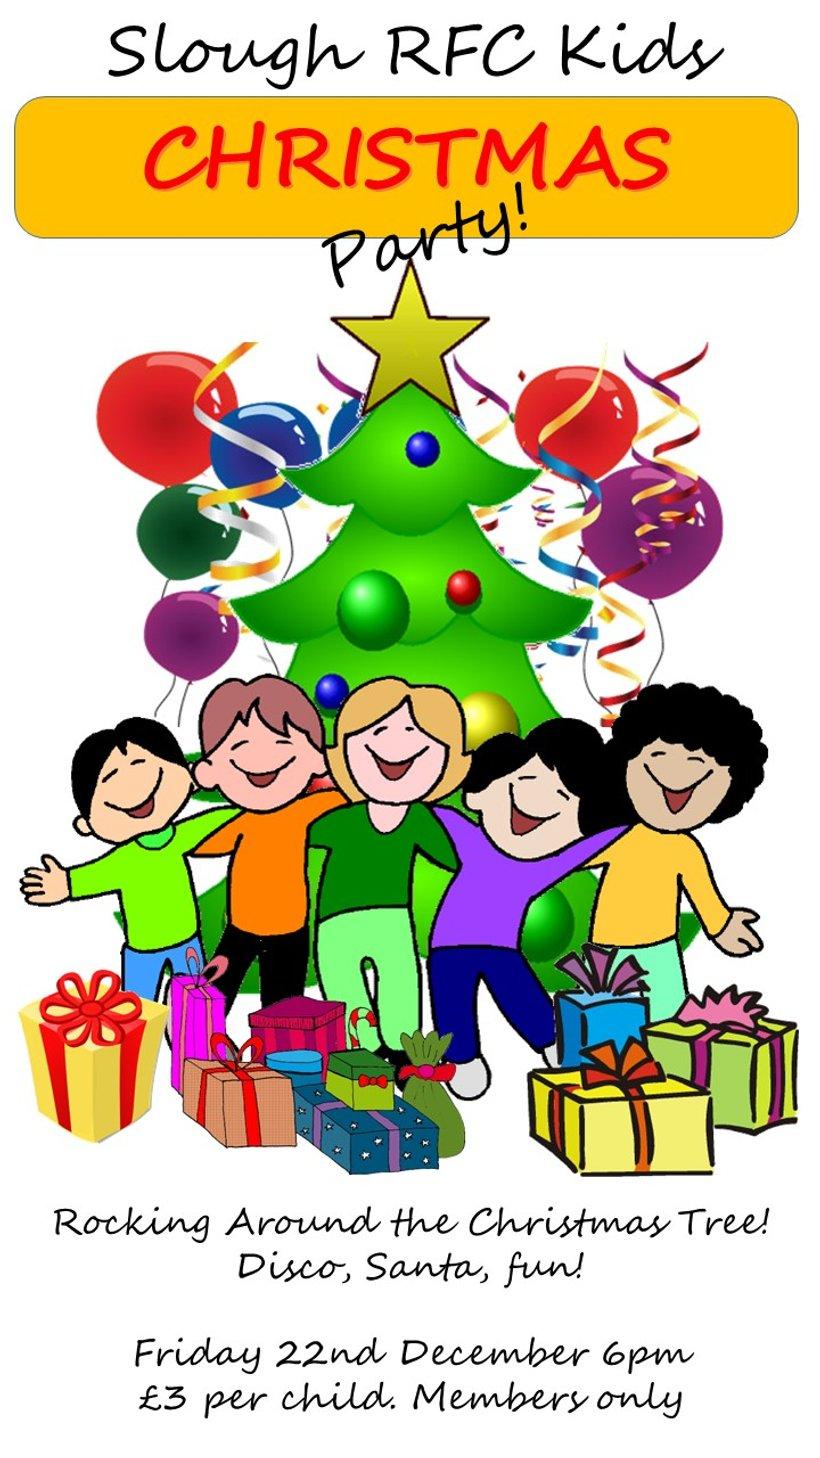 Slough RFC Kids Christmas Party - 22nd Dec - News - Slough RFC